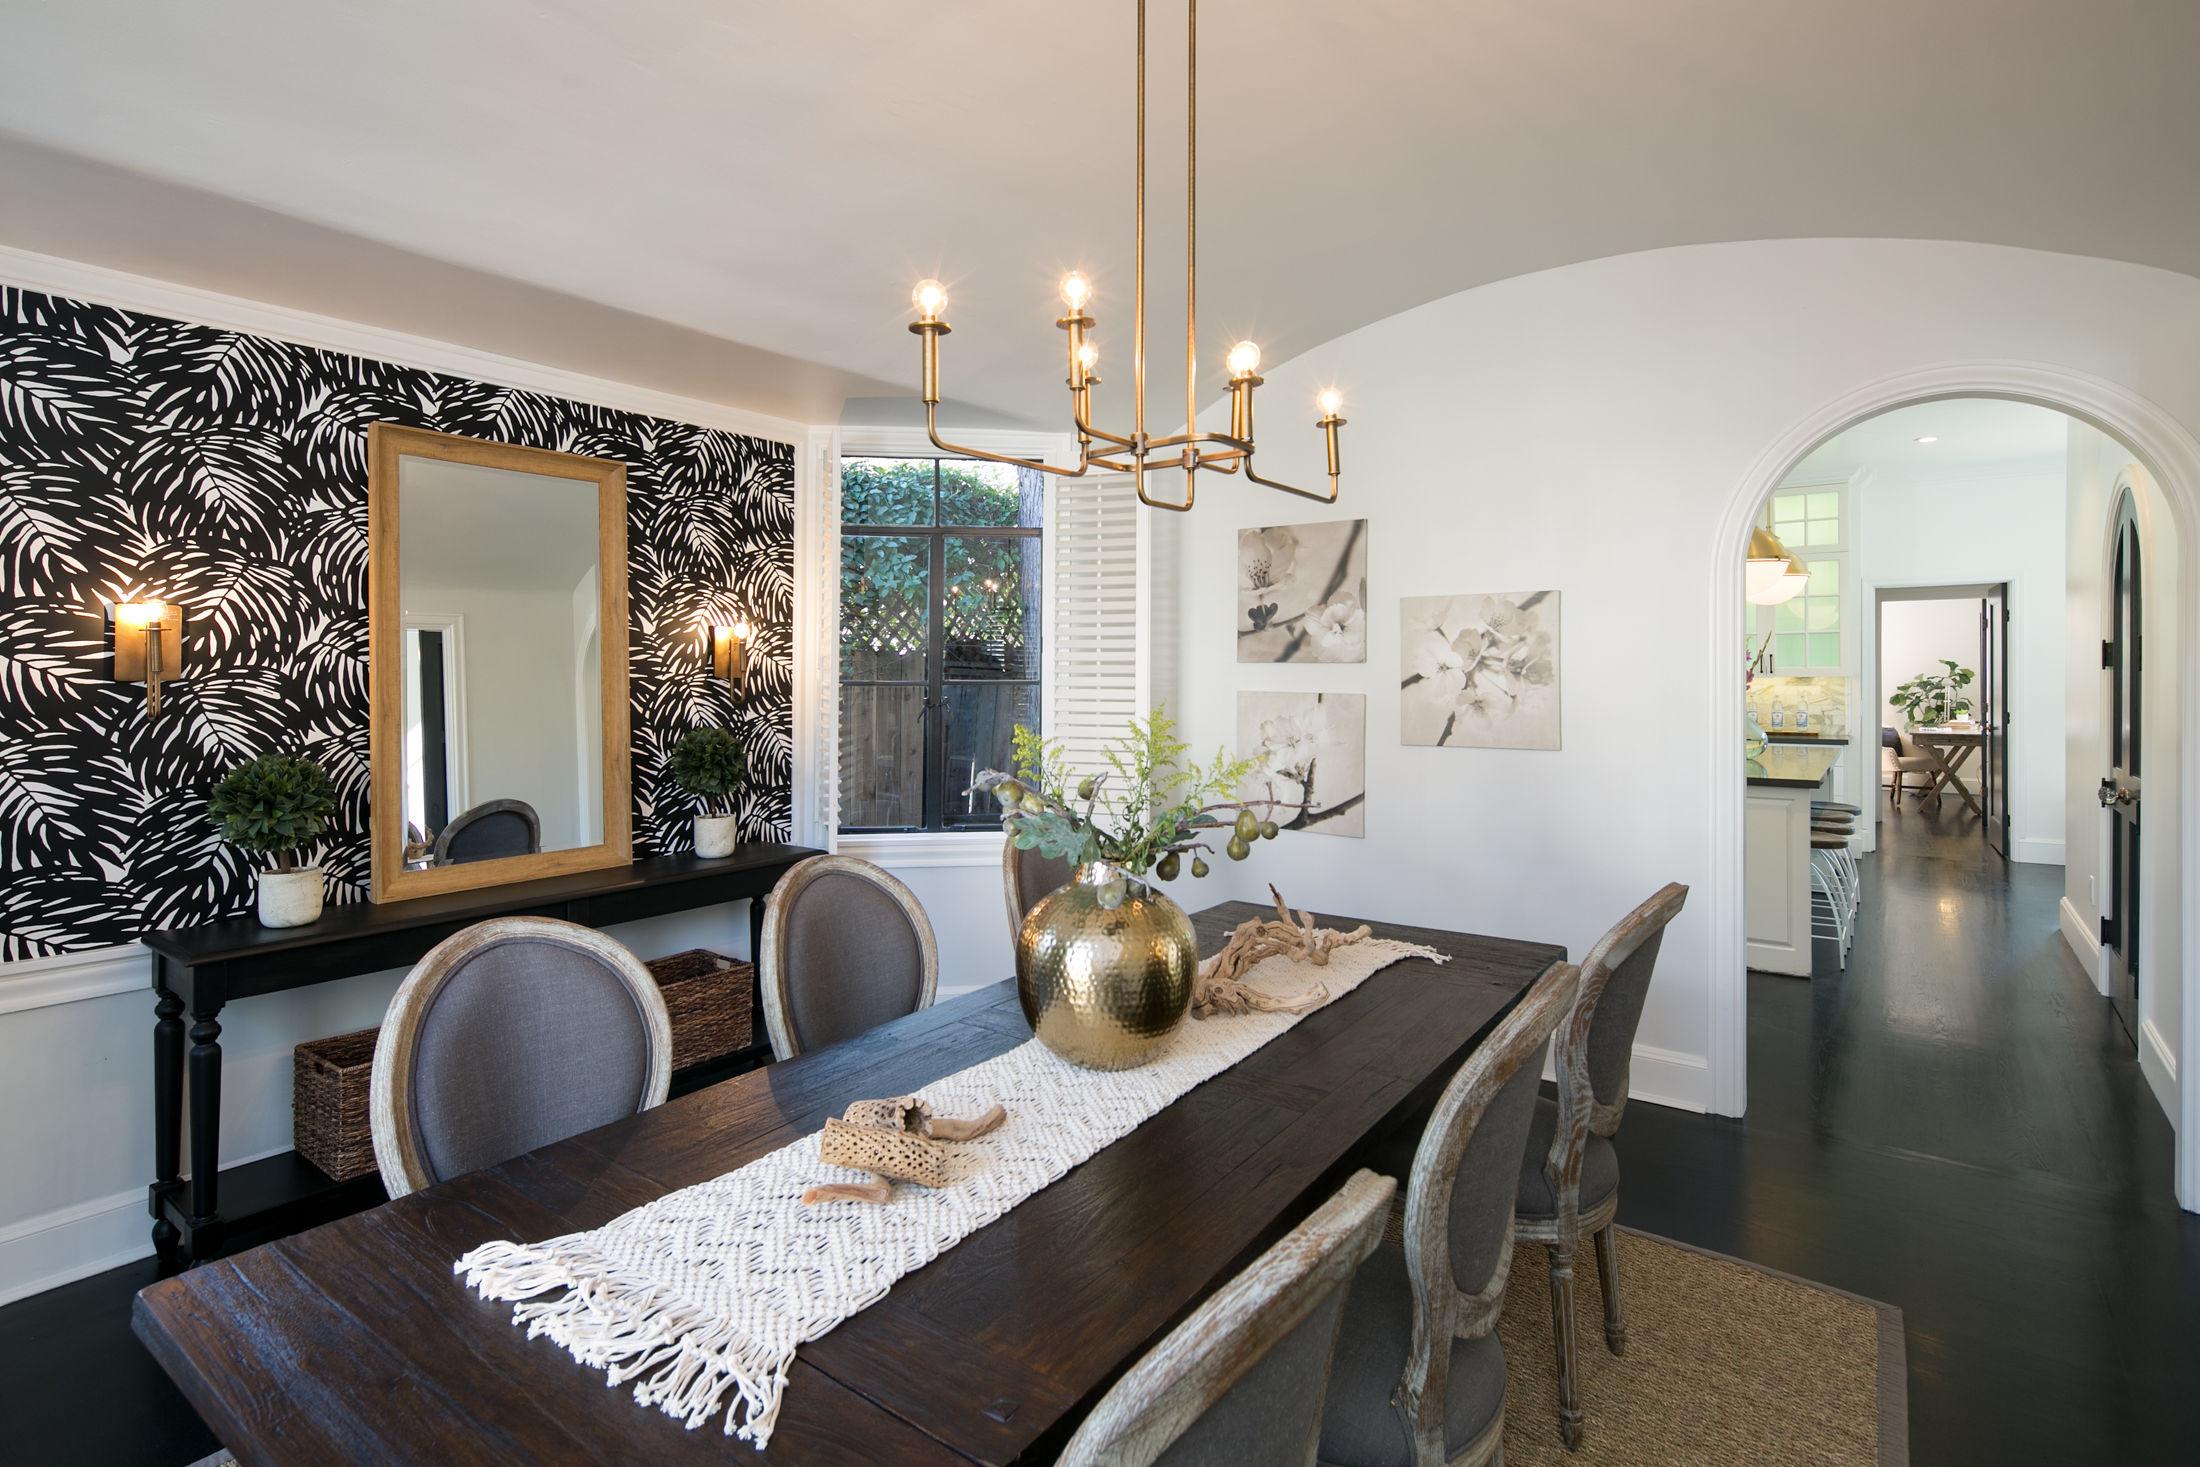 Crocker Highlands Modern Mediterranean Interior Design and Staging- after